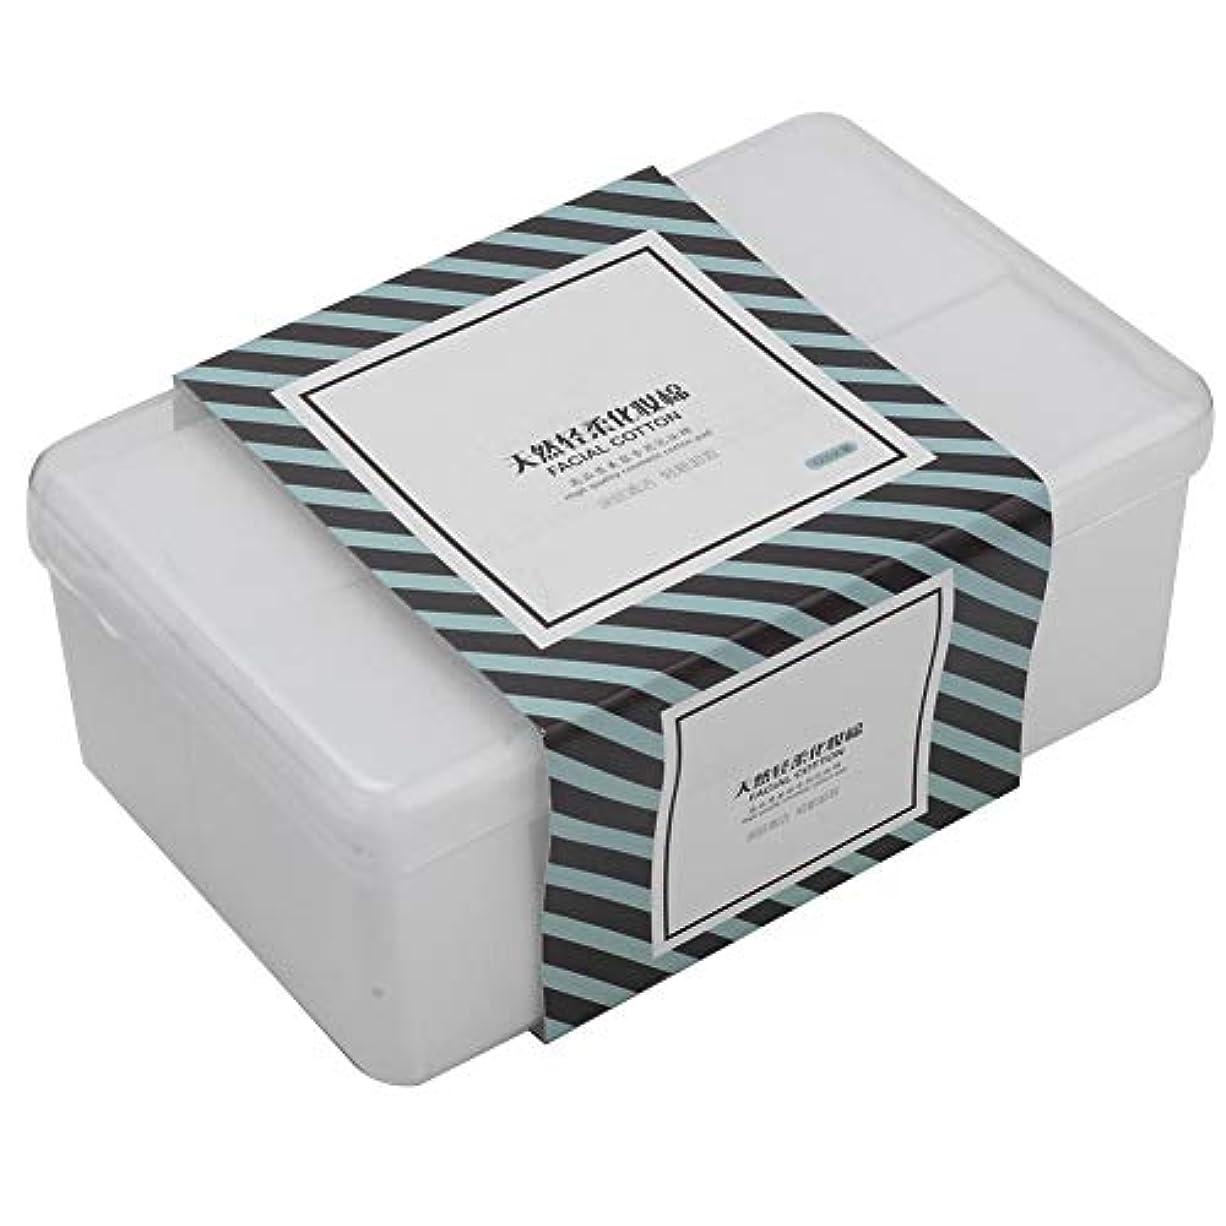 チェリー電池自然公園1000枚 /箱の構造の綿パッドの化粧品は清潔になりますスキンケアを拭きます